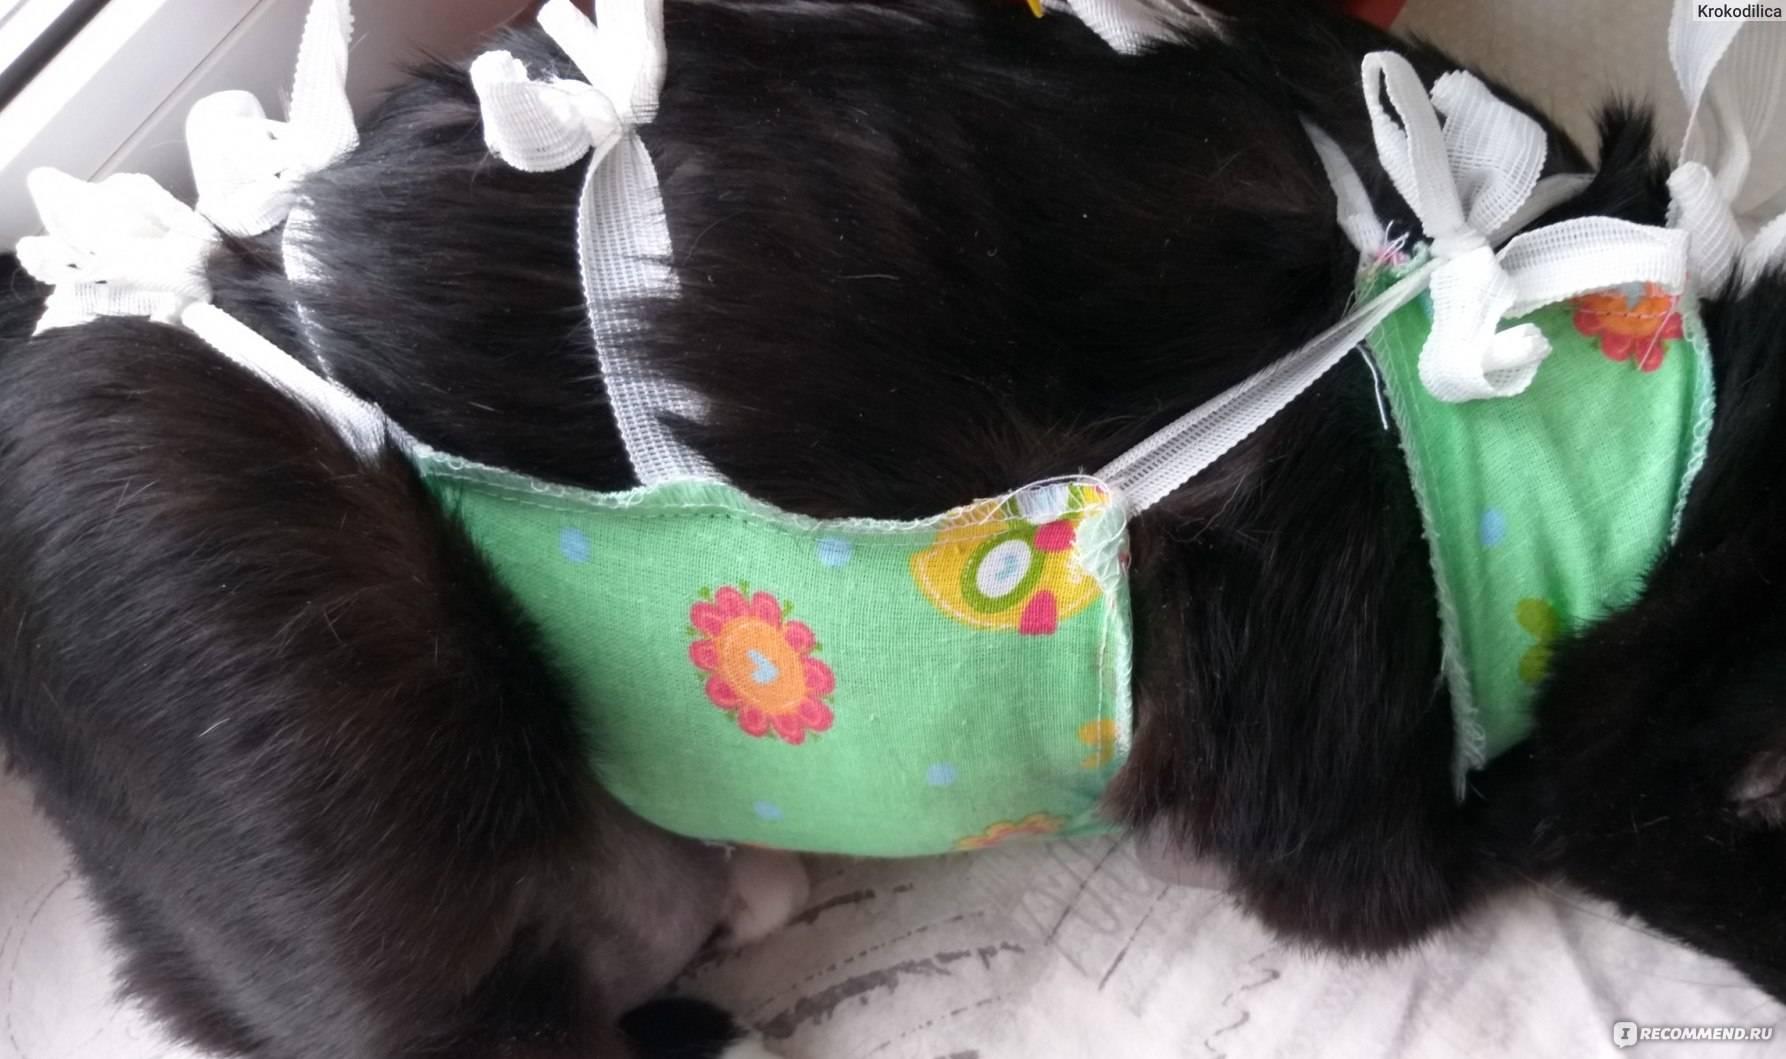 Правила завязывания попоны на кошке после хирургического вмешательства